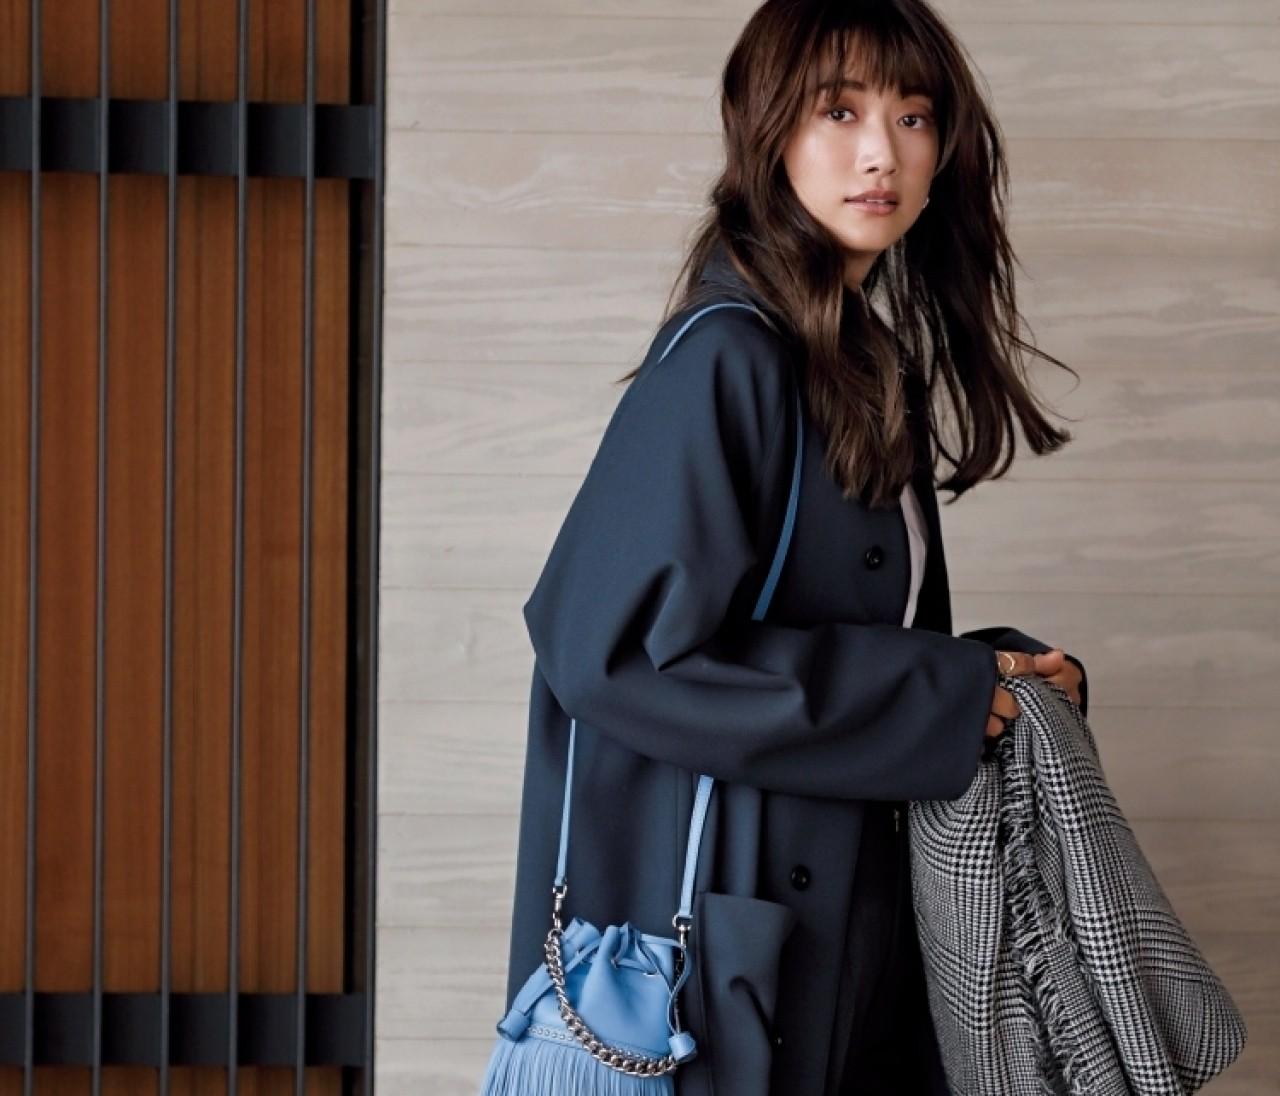 【激売れヒットコート】30代女子におすすめコート17ブランド